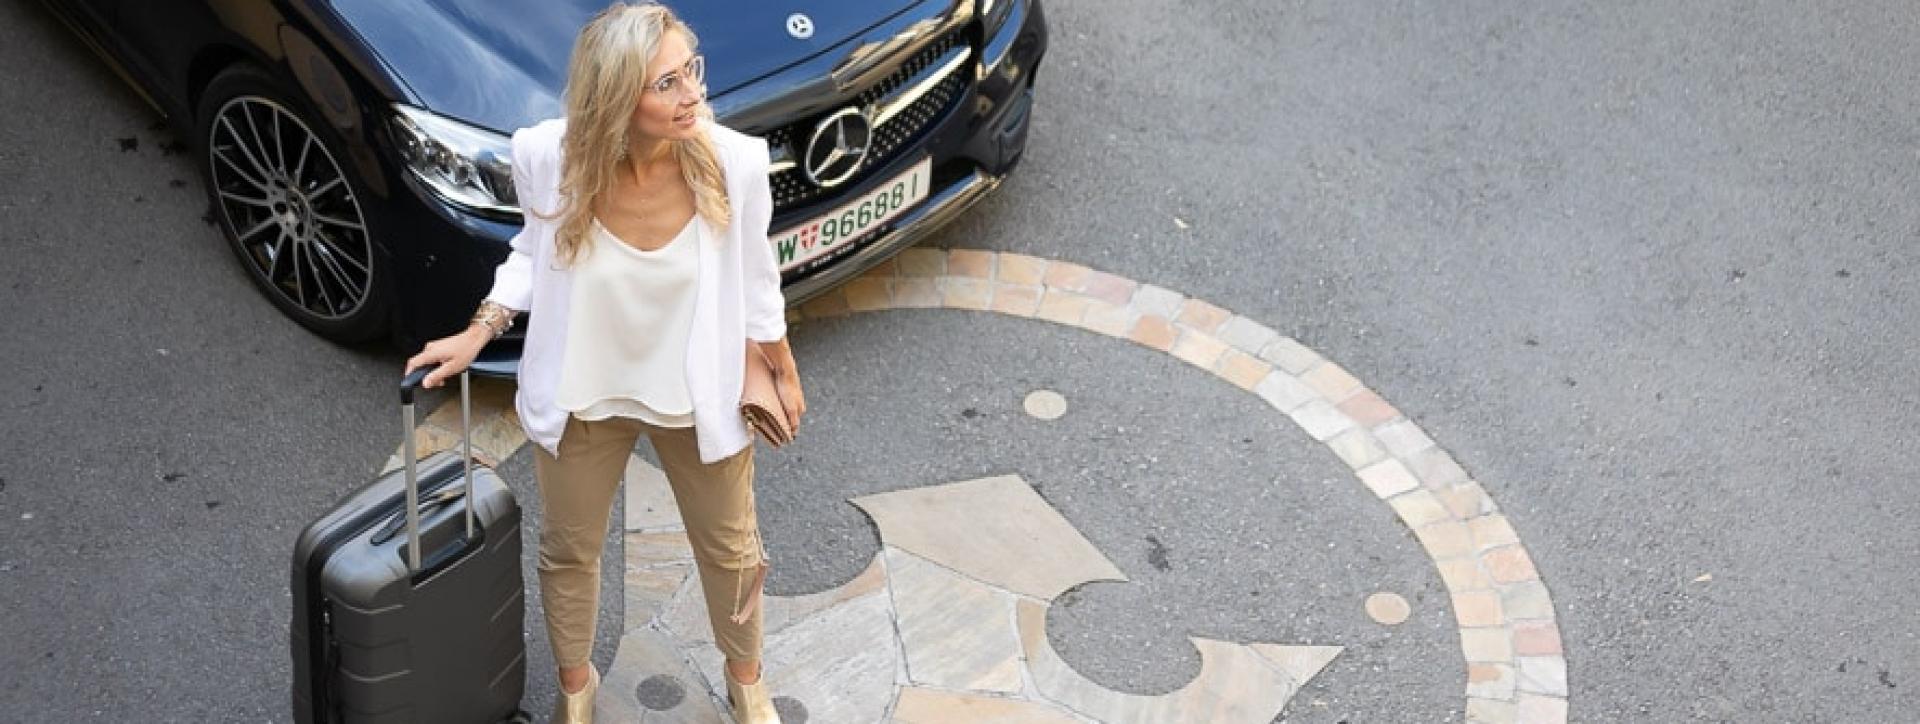 Eine junge Dame steht mit ihrem Koffer vor dem Stadthotel zur goldenen Krone